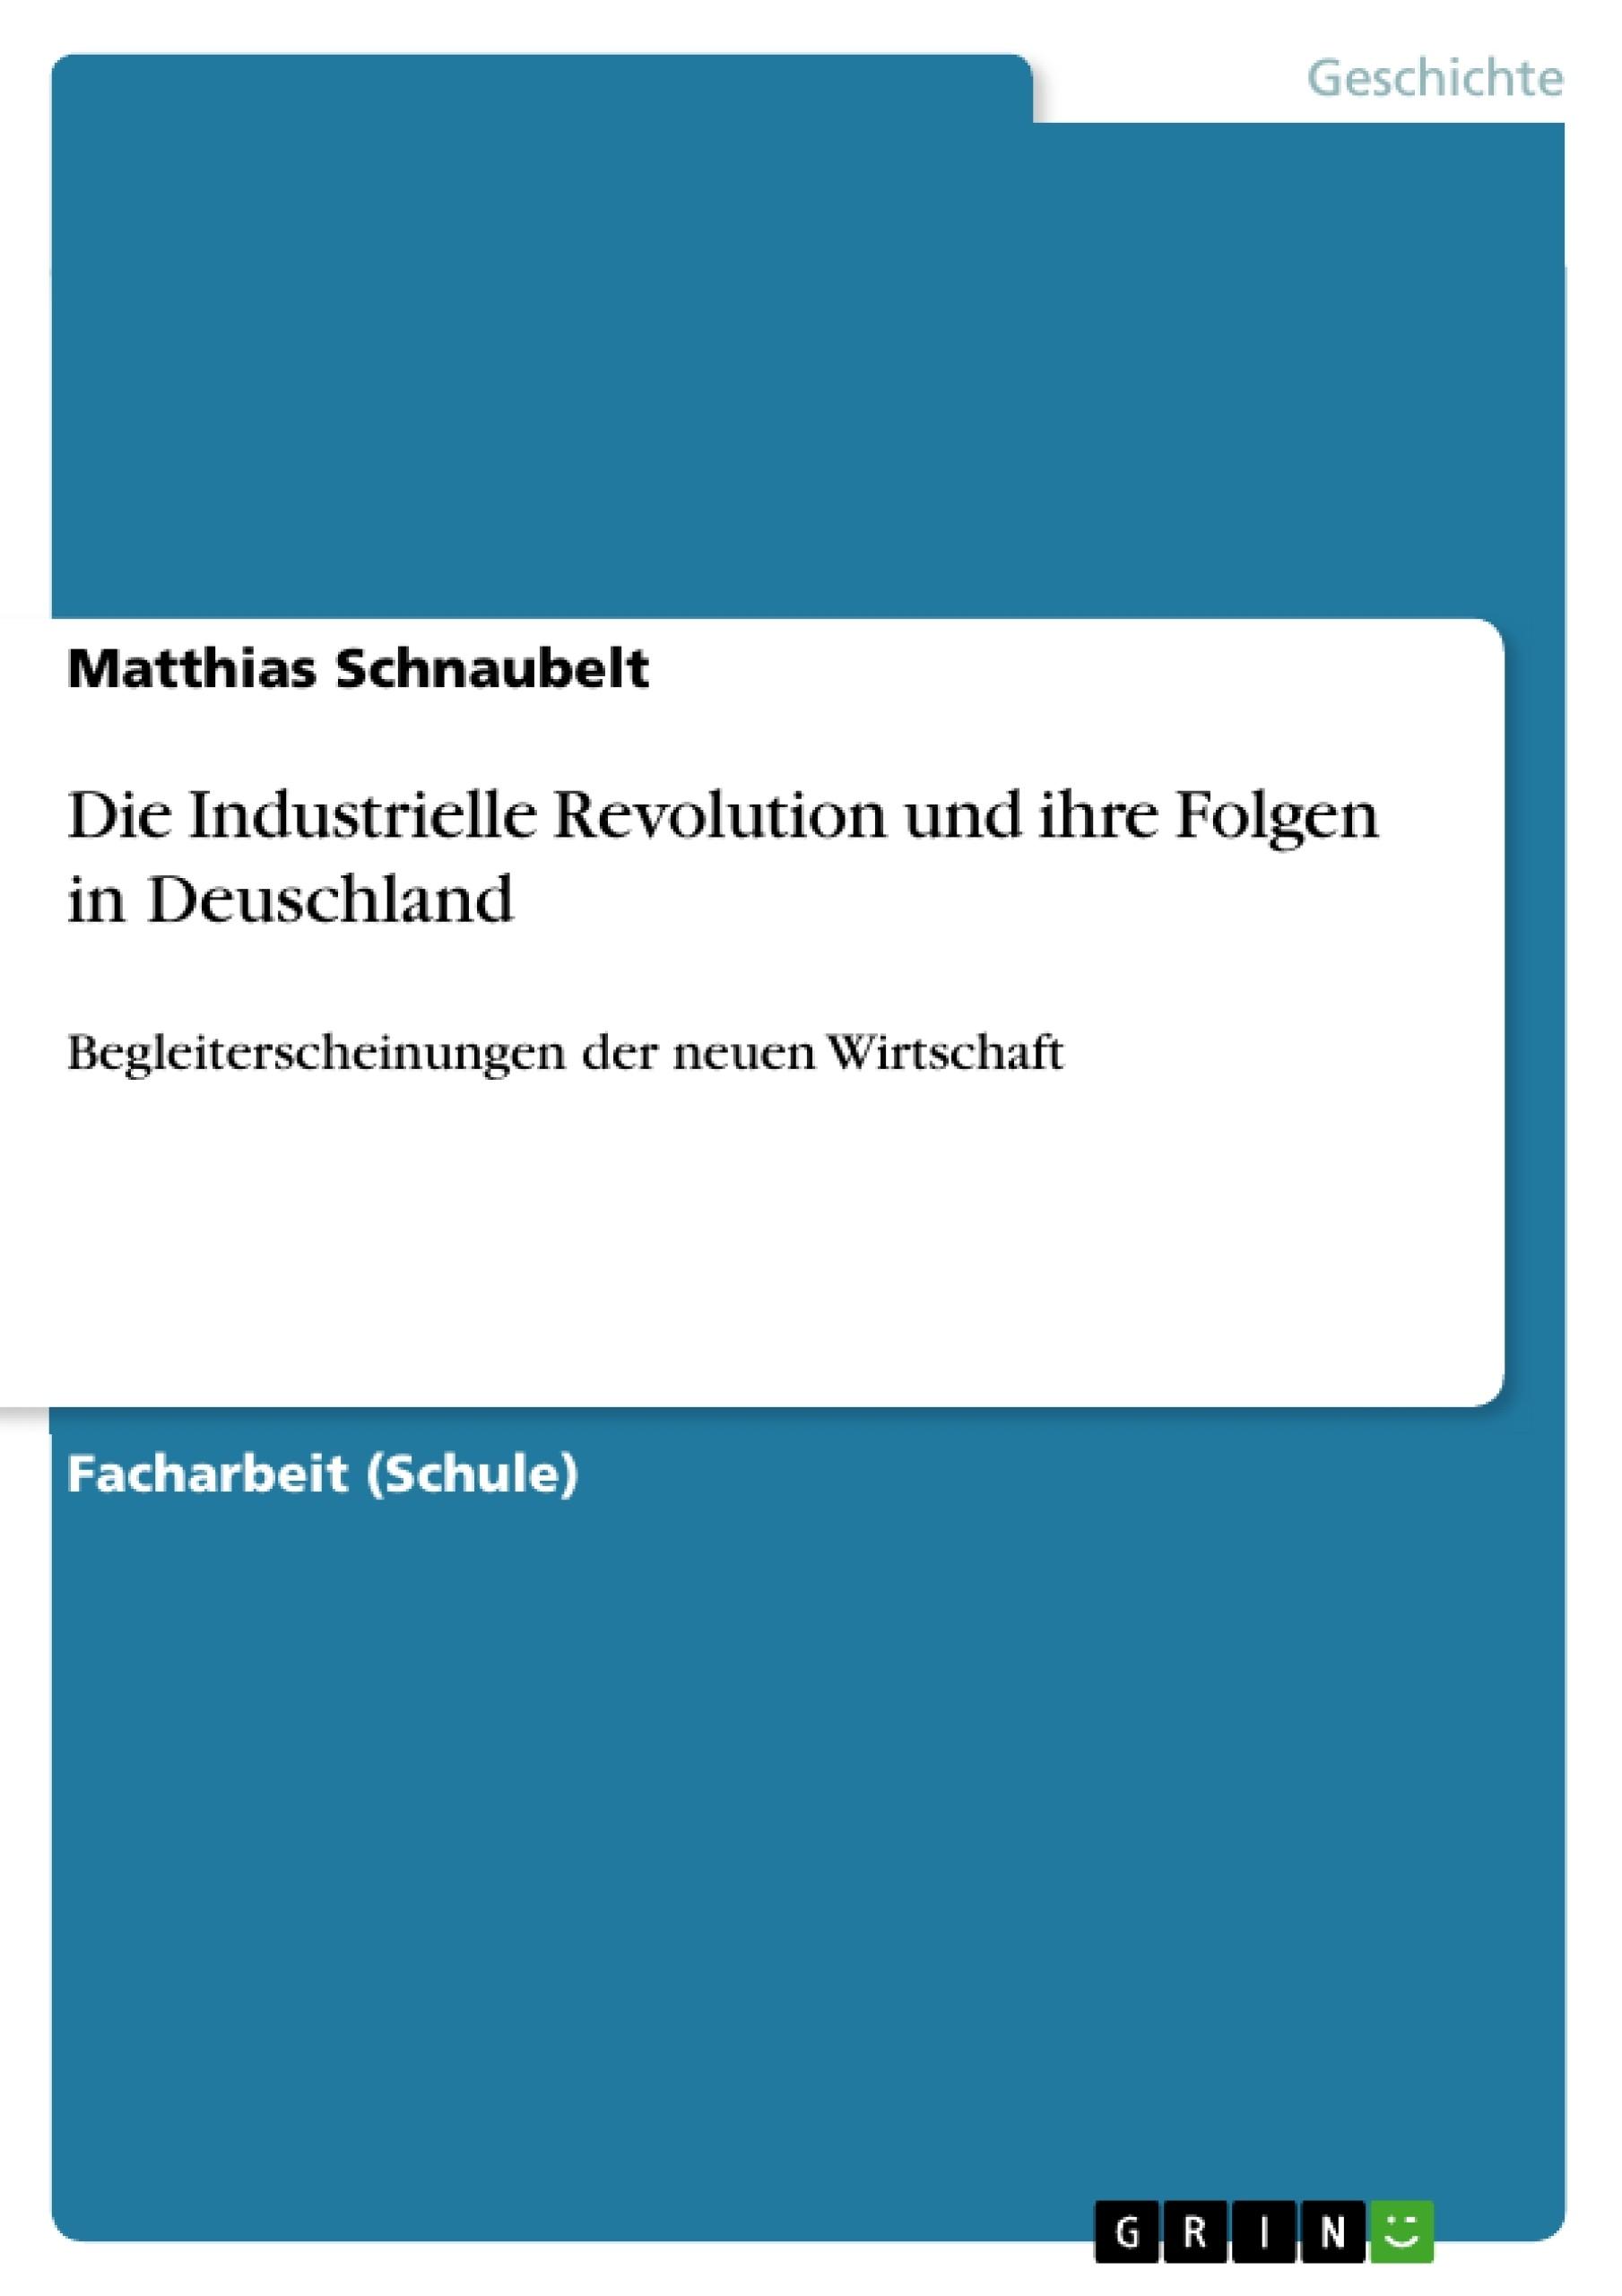 Titel: Die Industrielle Revolution und ihre Folgen in Deuschland